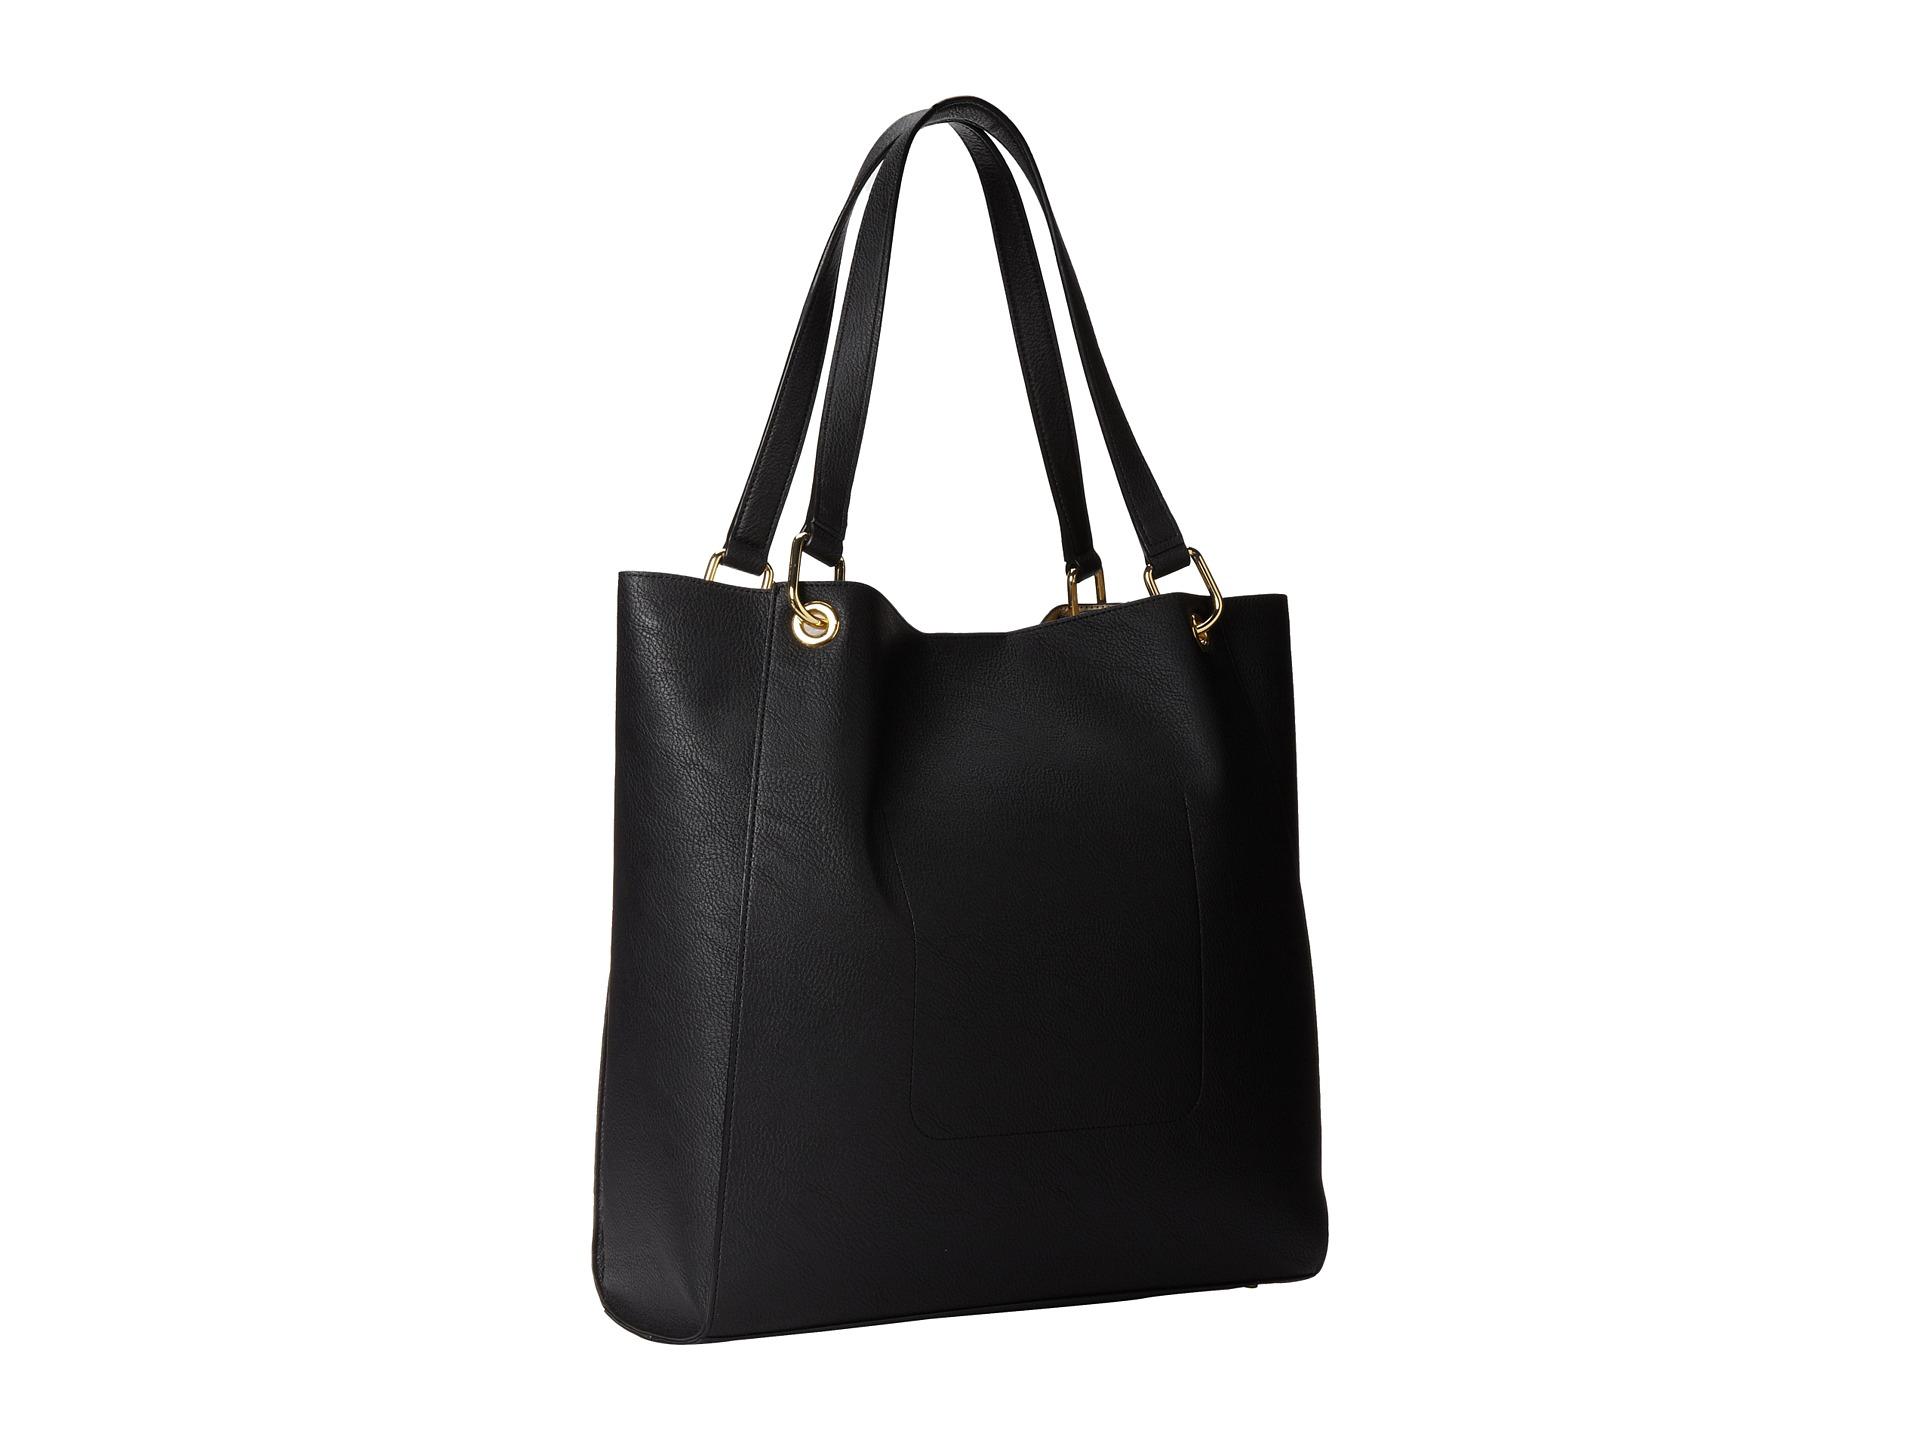 Ralph Lauren Handbags Outlet Factory